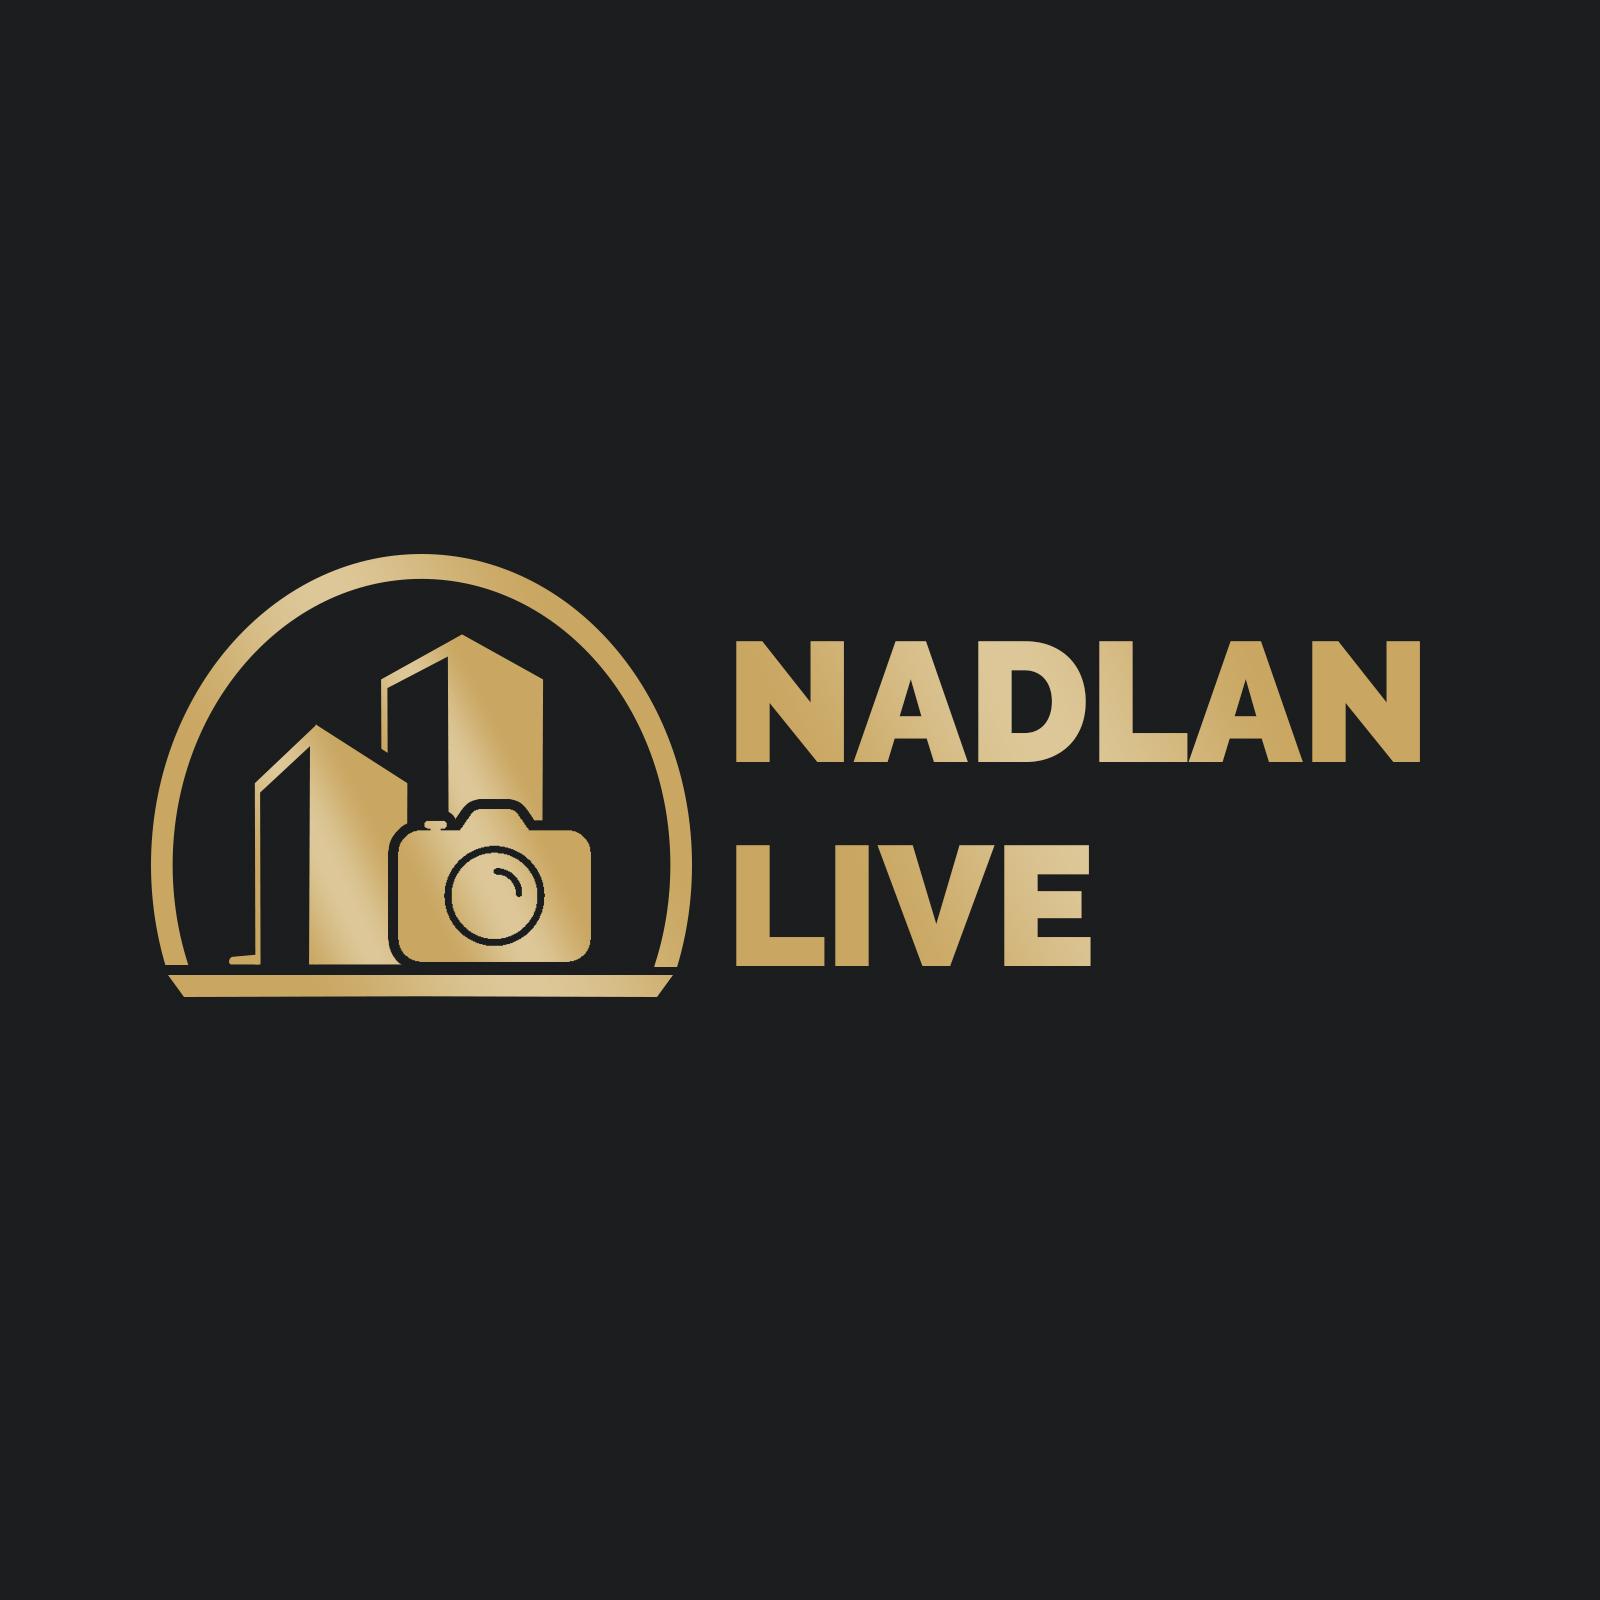 Nadlan Live